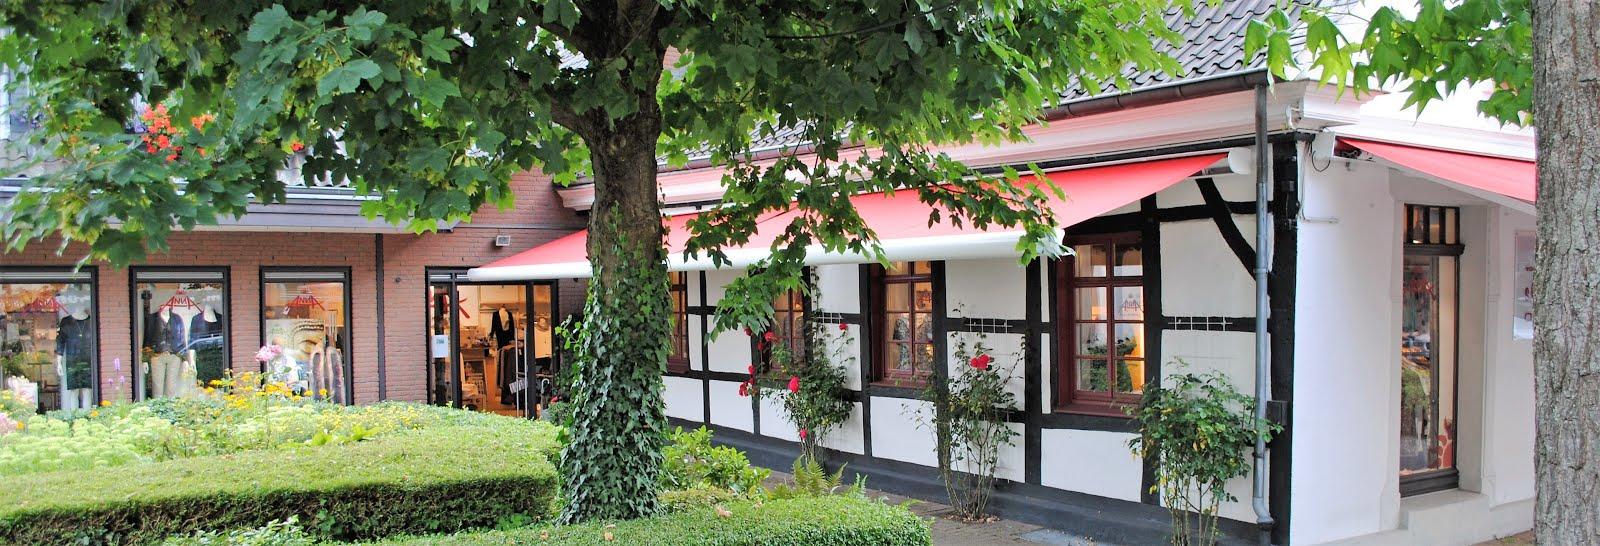 Herzlich willkommen bei ANNA Mode & Spirit in Mülheim-Saarn!